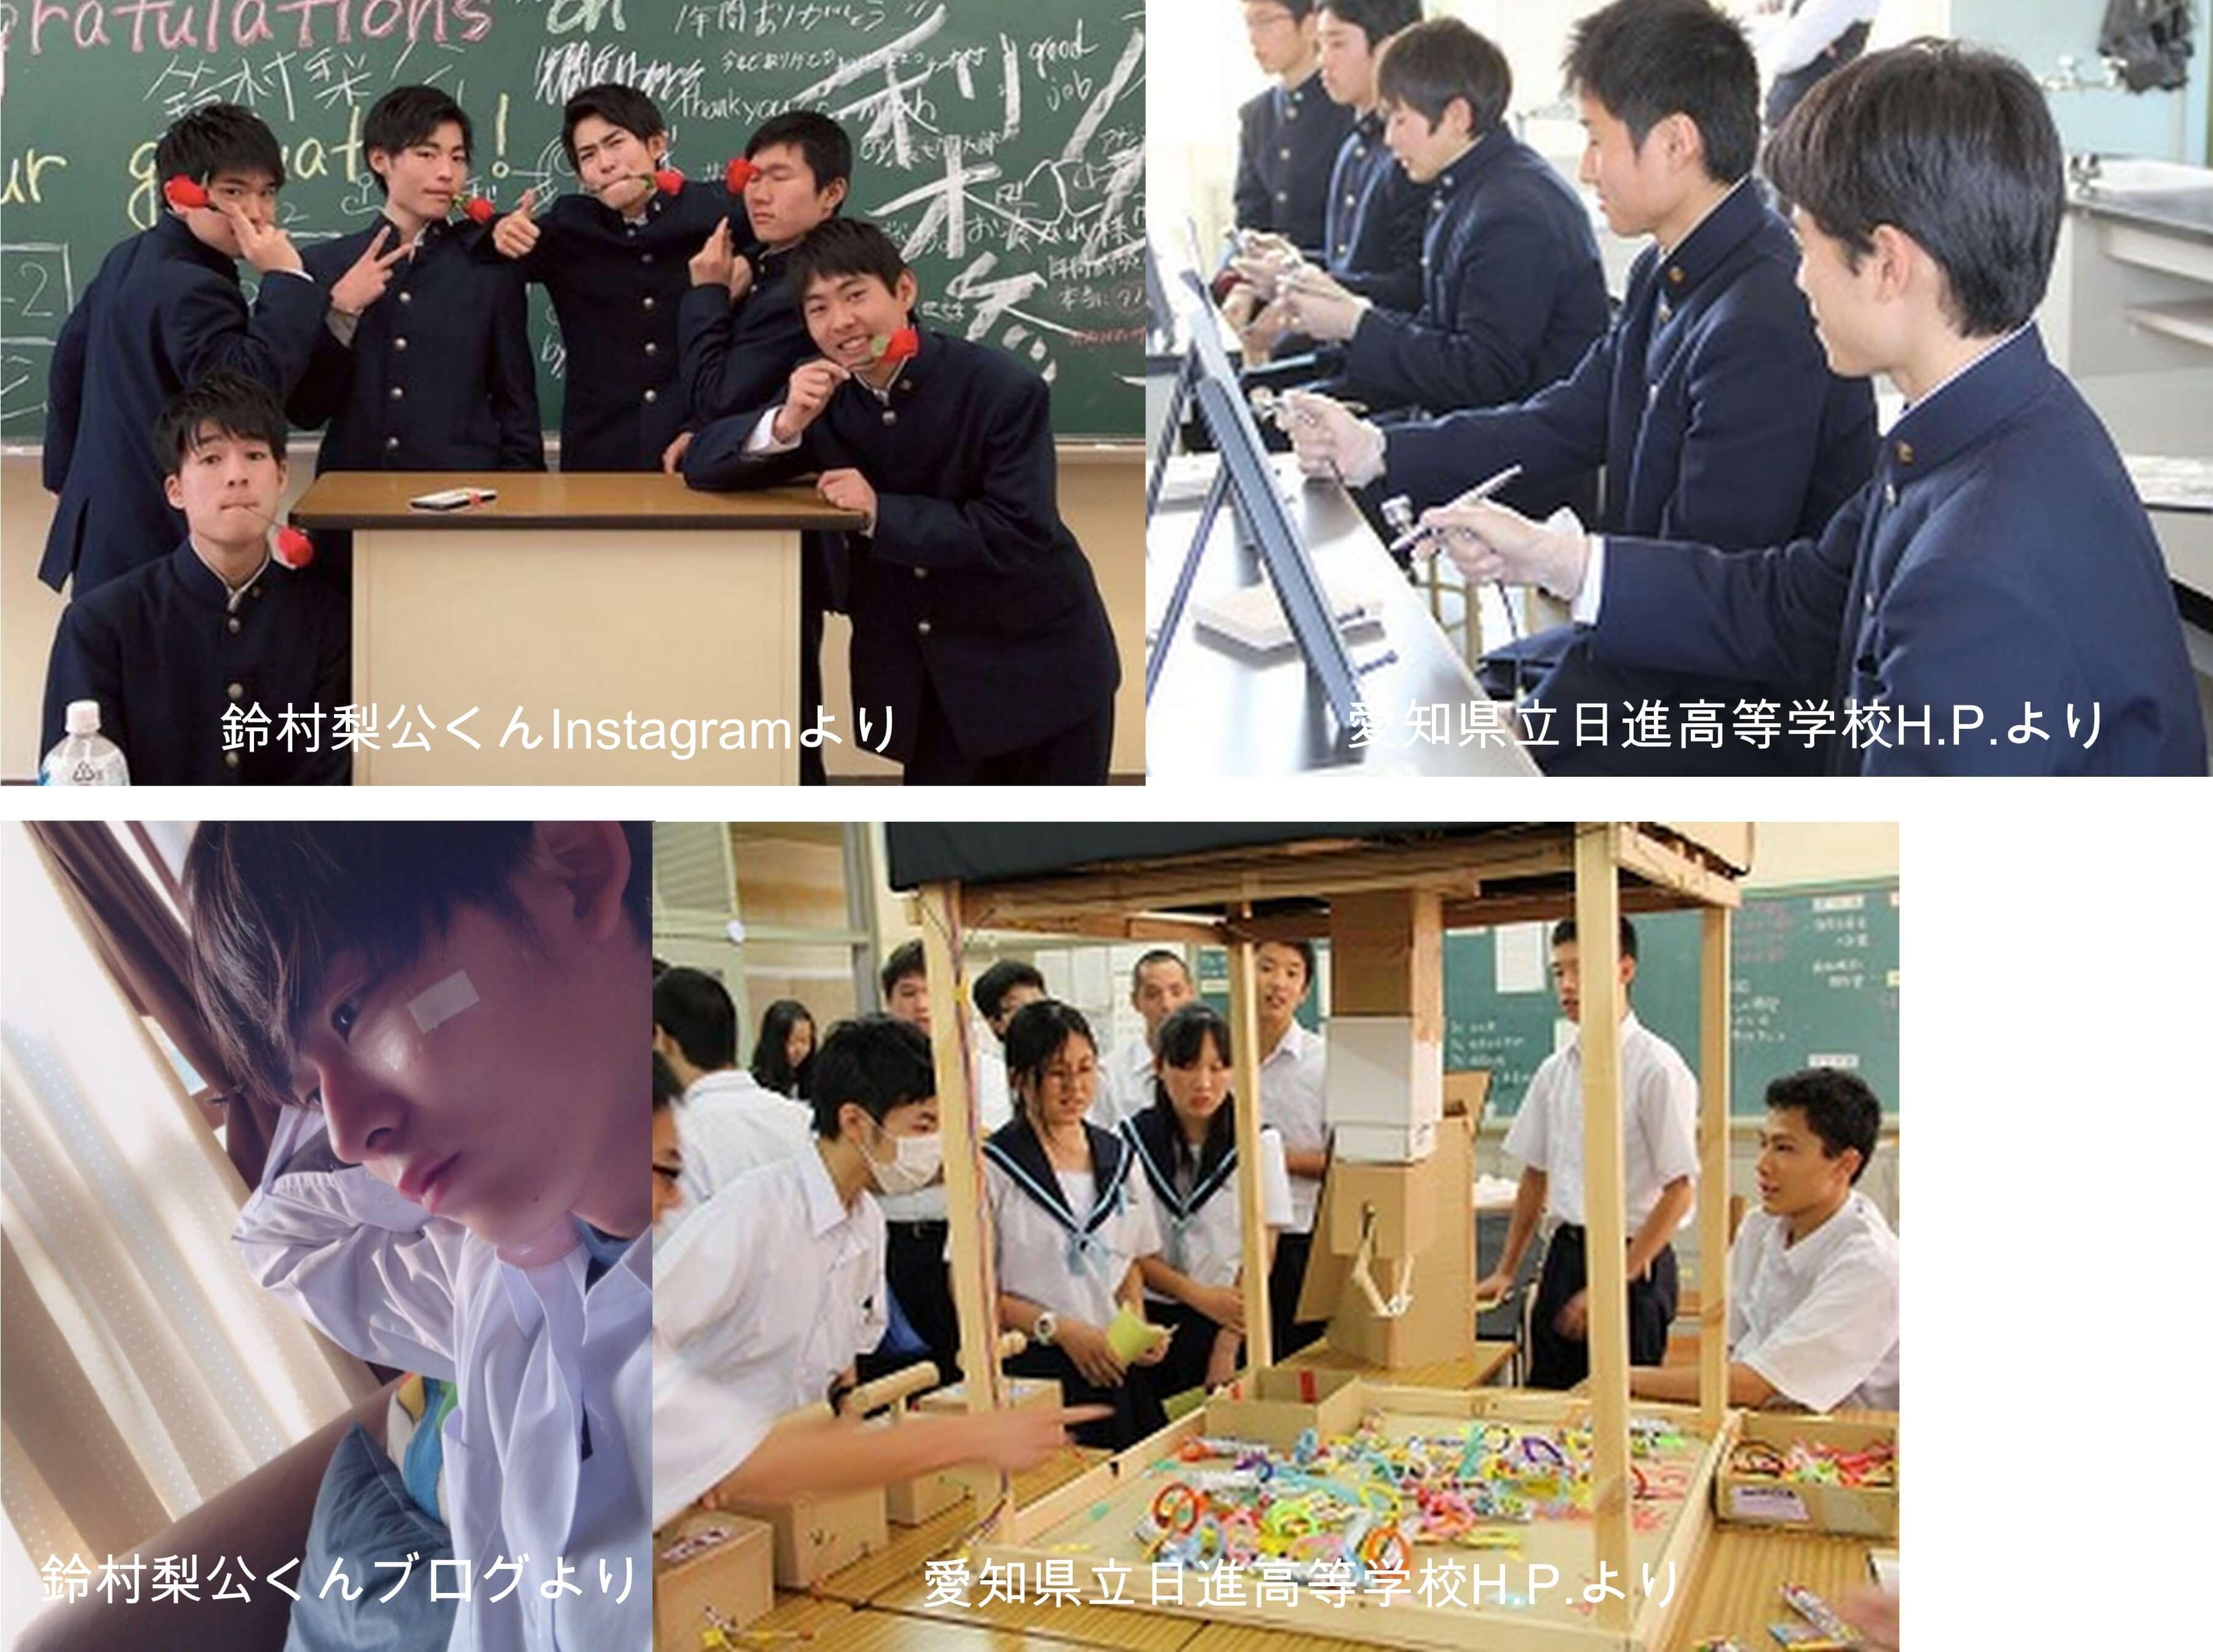 オオカミくん♡鈴村梨公(りく)バンド?高校や美容学校どこ?tiktokが人気